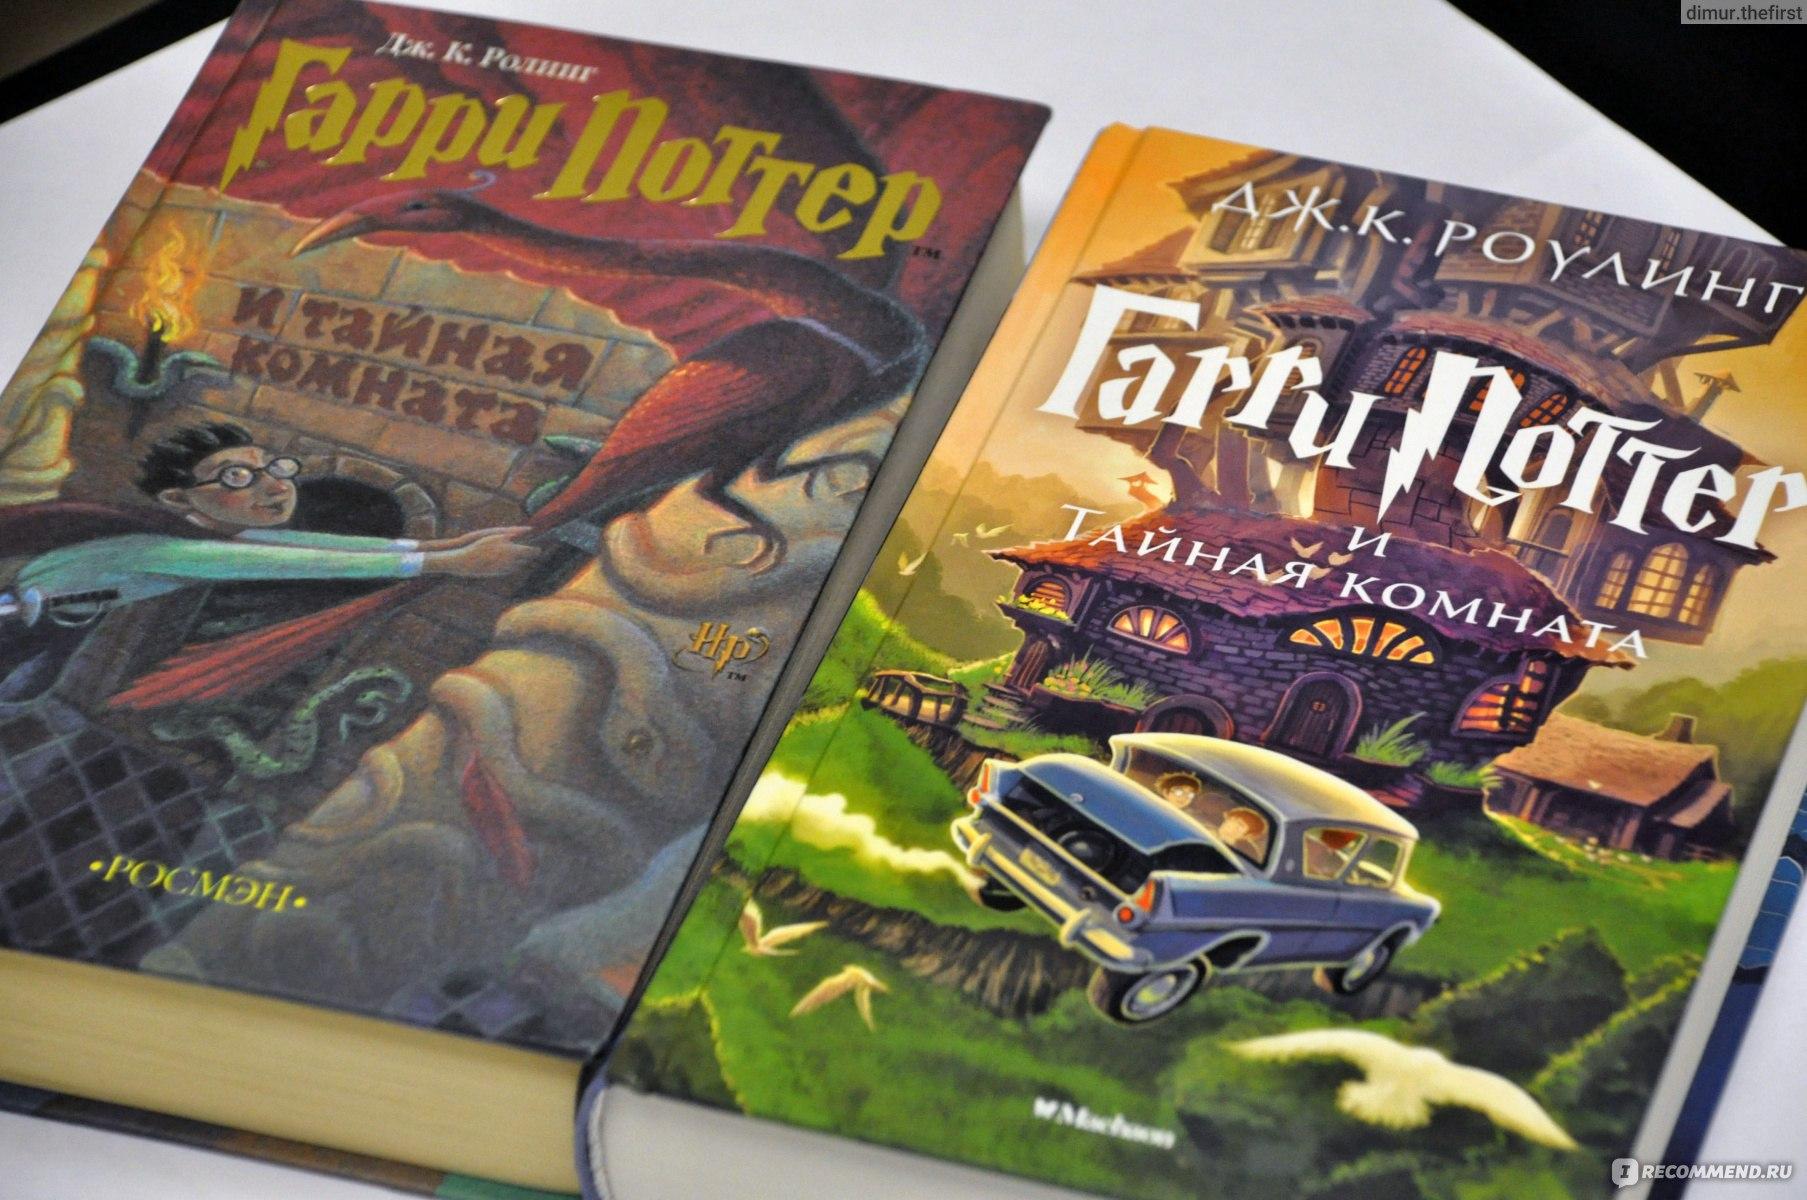 Книги фантастика 2014 год